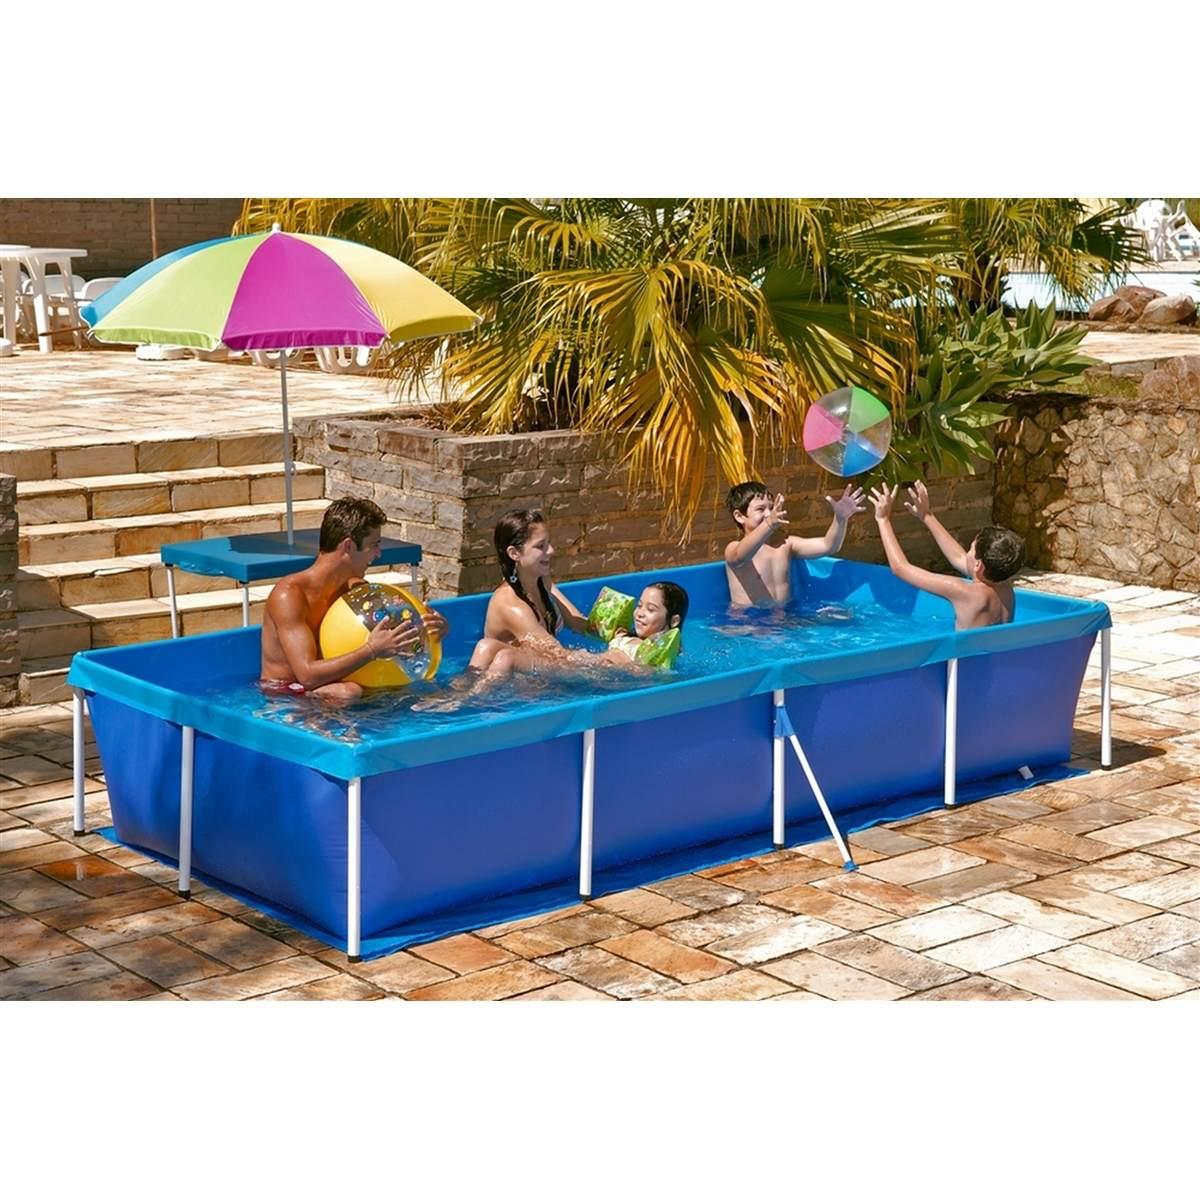 Piscina 3000 litros mor r 294 90 no mercadolivre for Calcular litros piscina